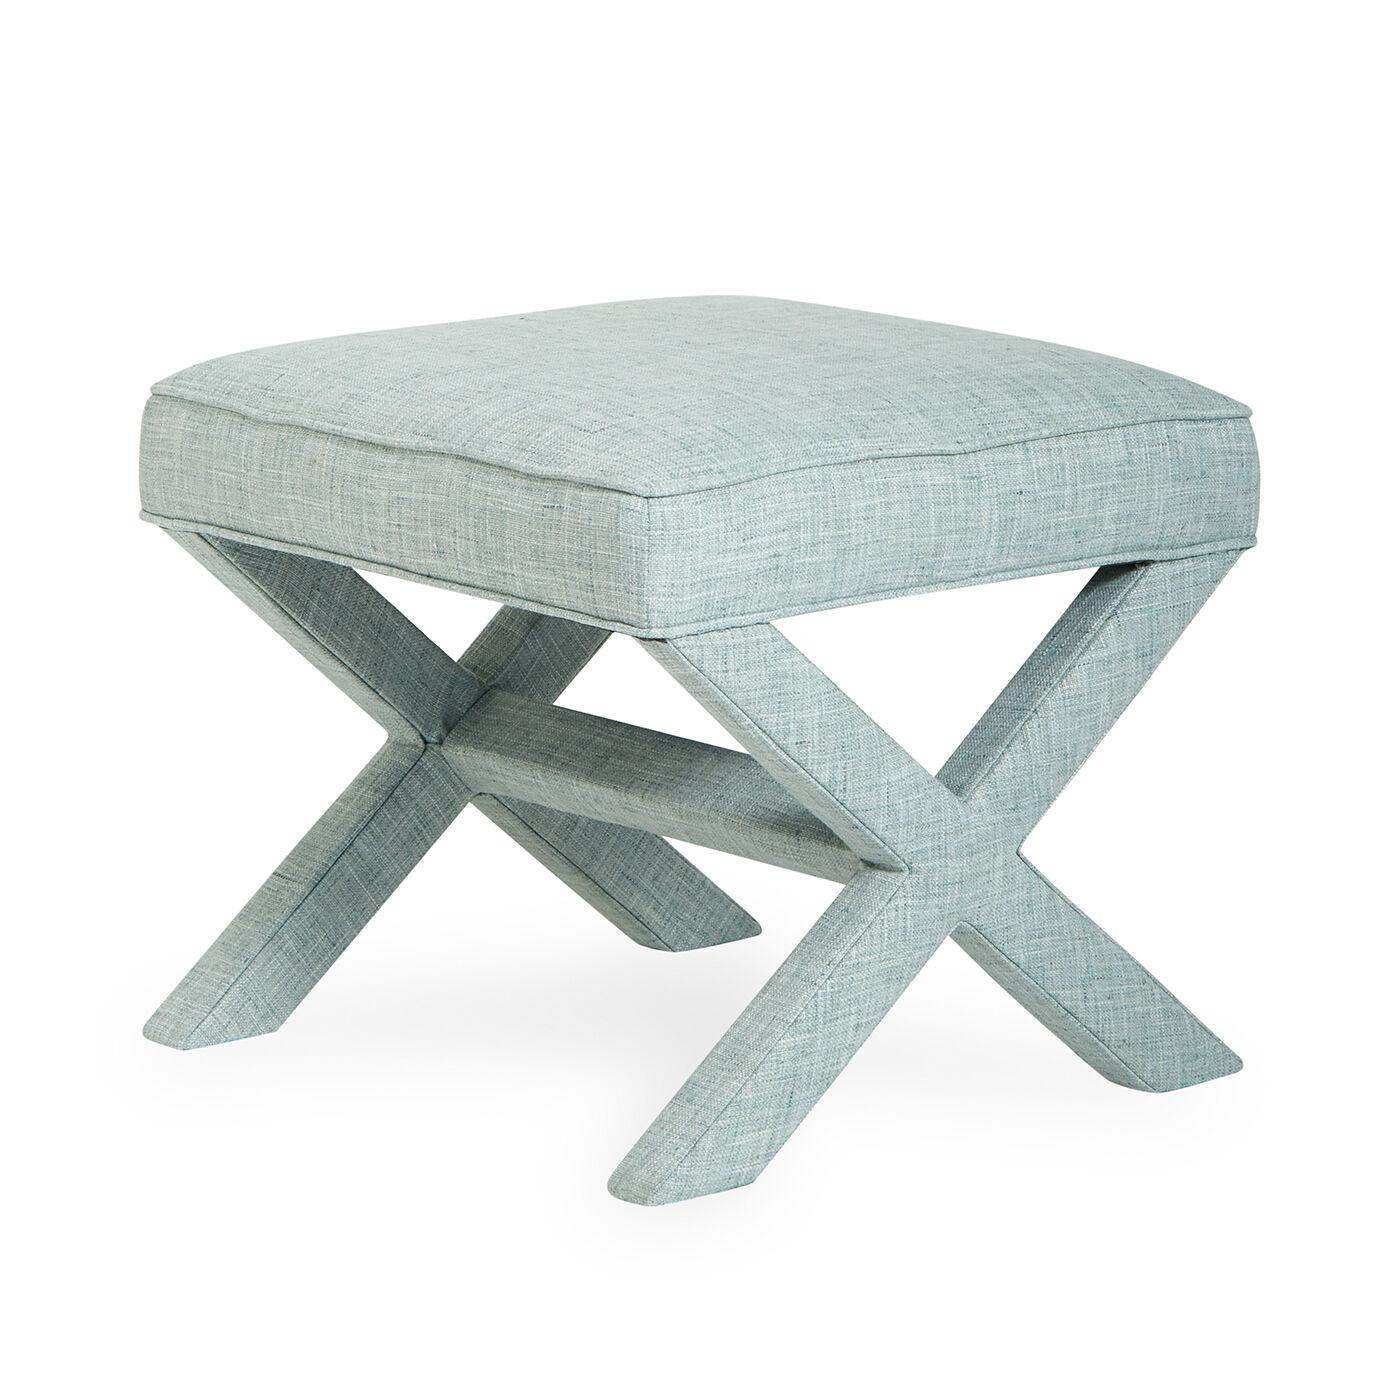 ... Jonathan Adler | X-Bench  sc 1 st  Jonathan Adler & Benches u0026 Ottomans | Mid-Century Modern Furniture | Jonathan Adler islam-shia.org